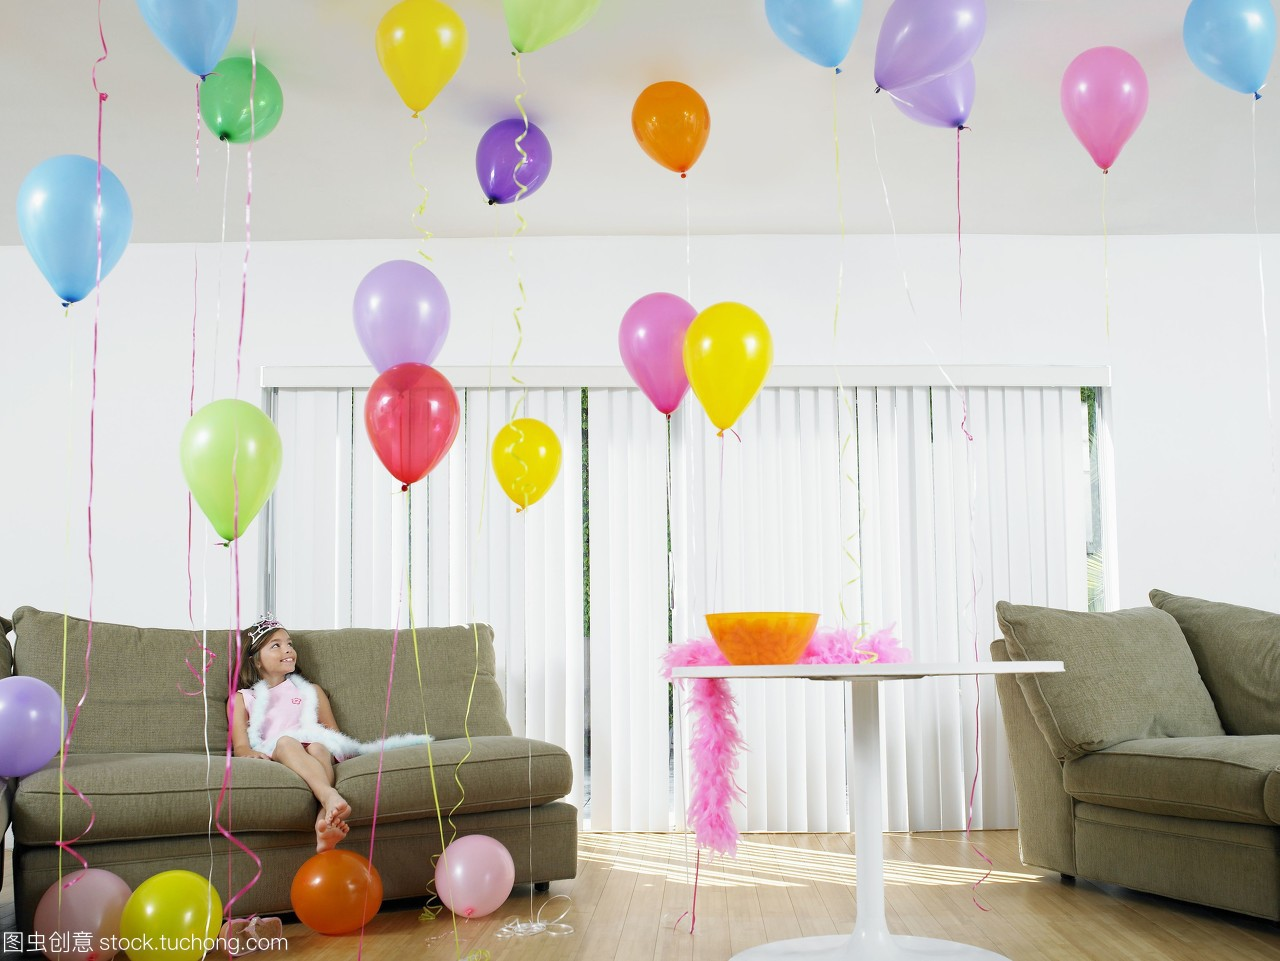 女孩在客厅里庆祝女生1问几等于1图片